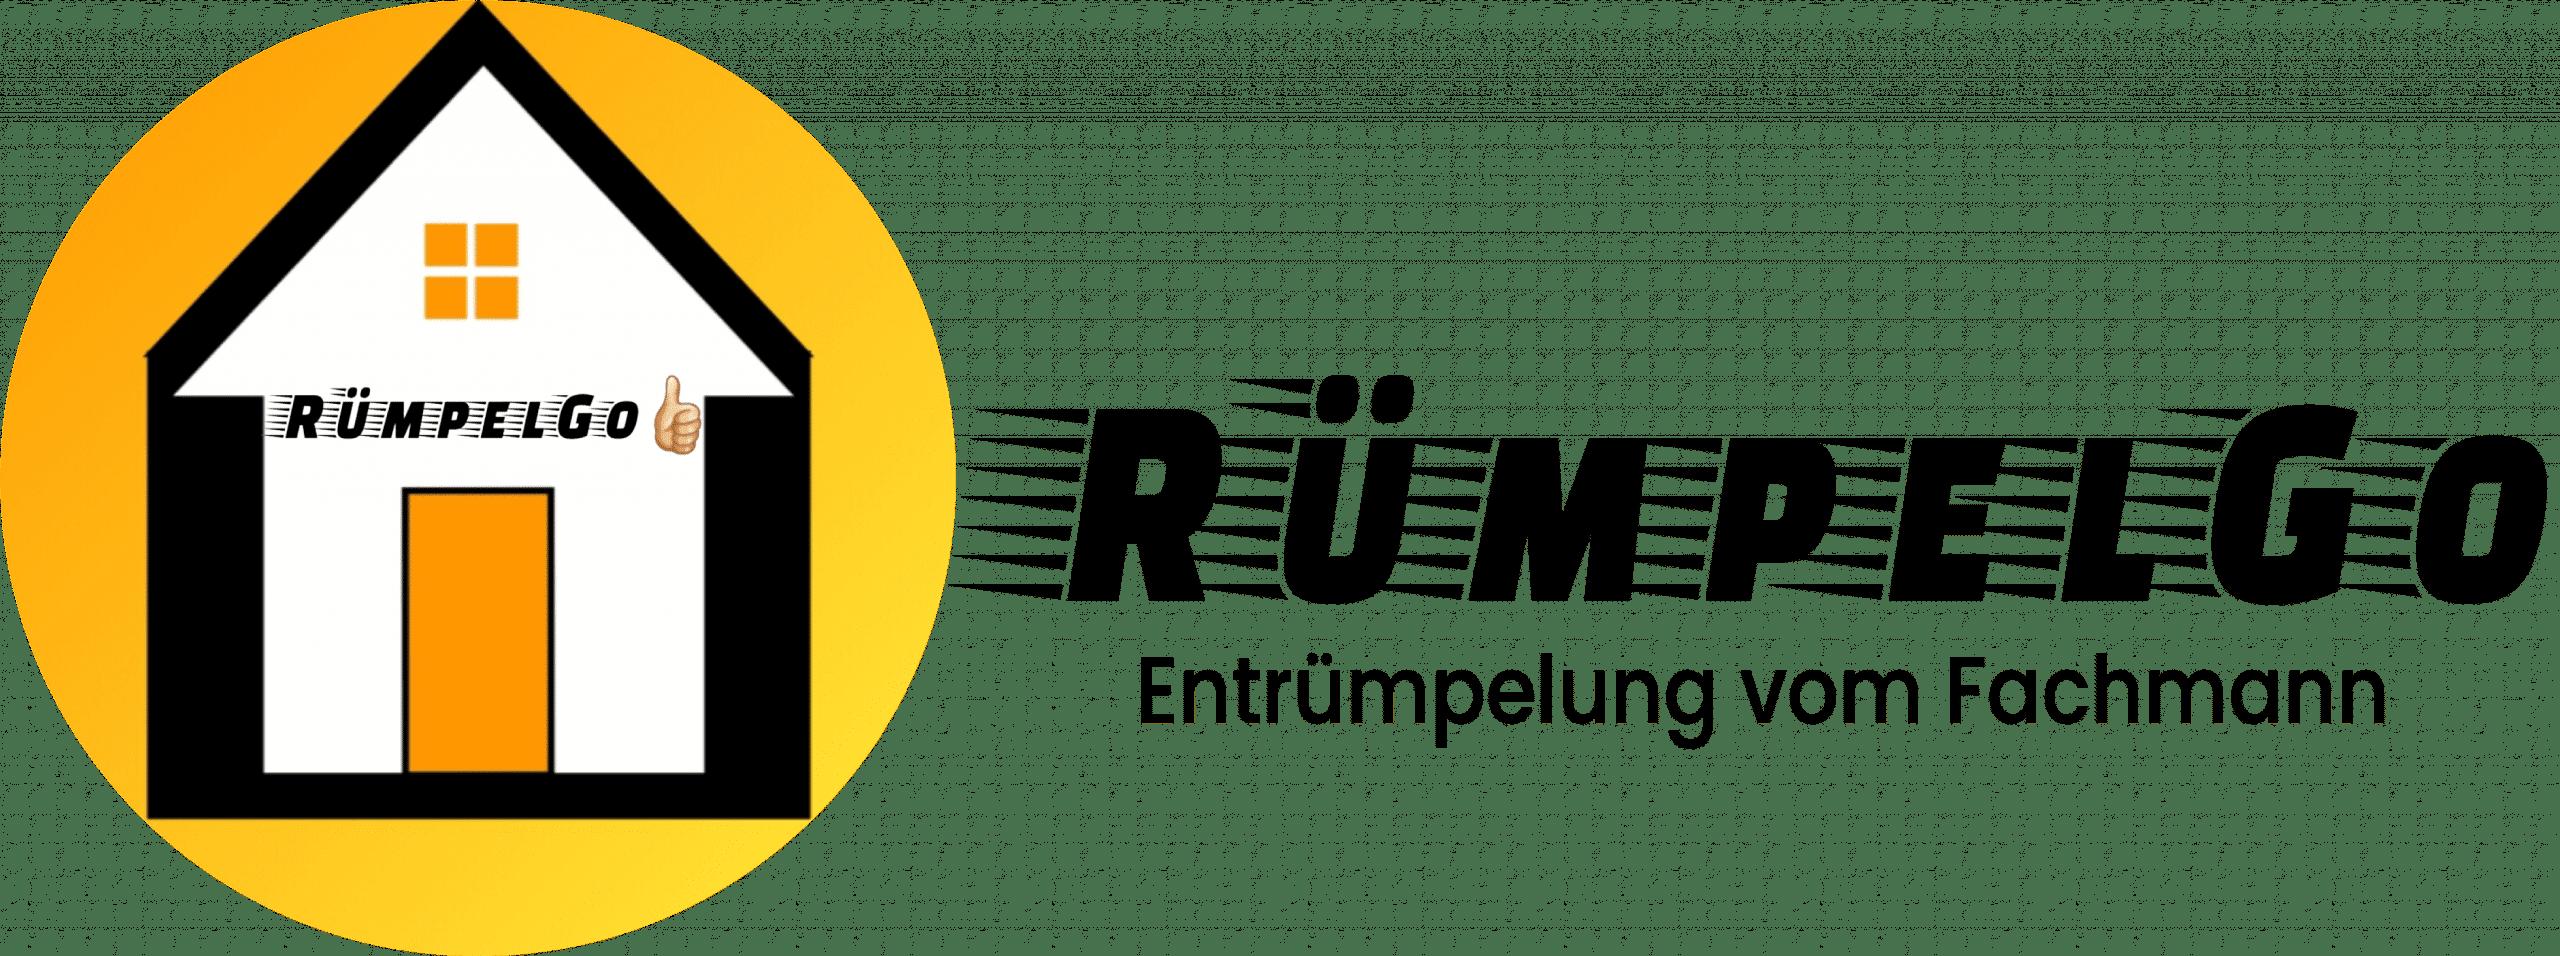 rümpelgo logo